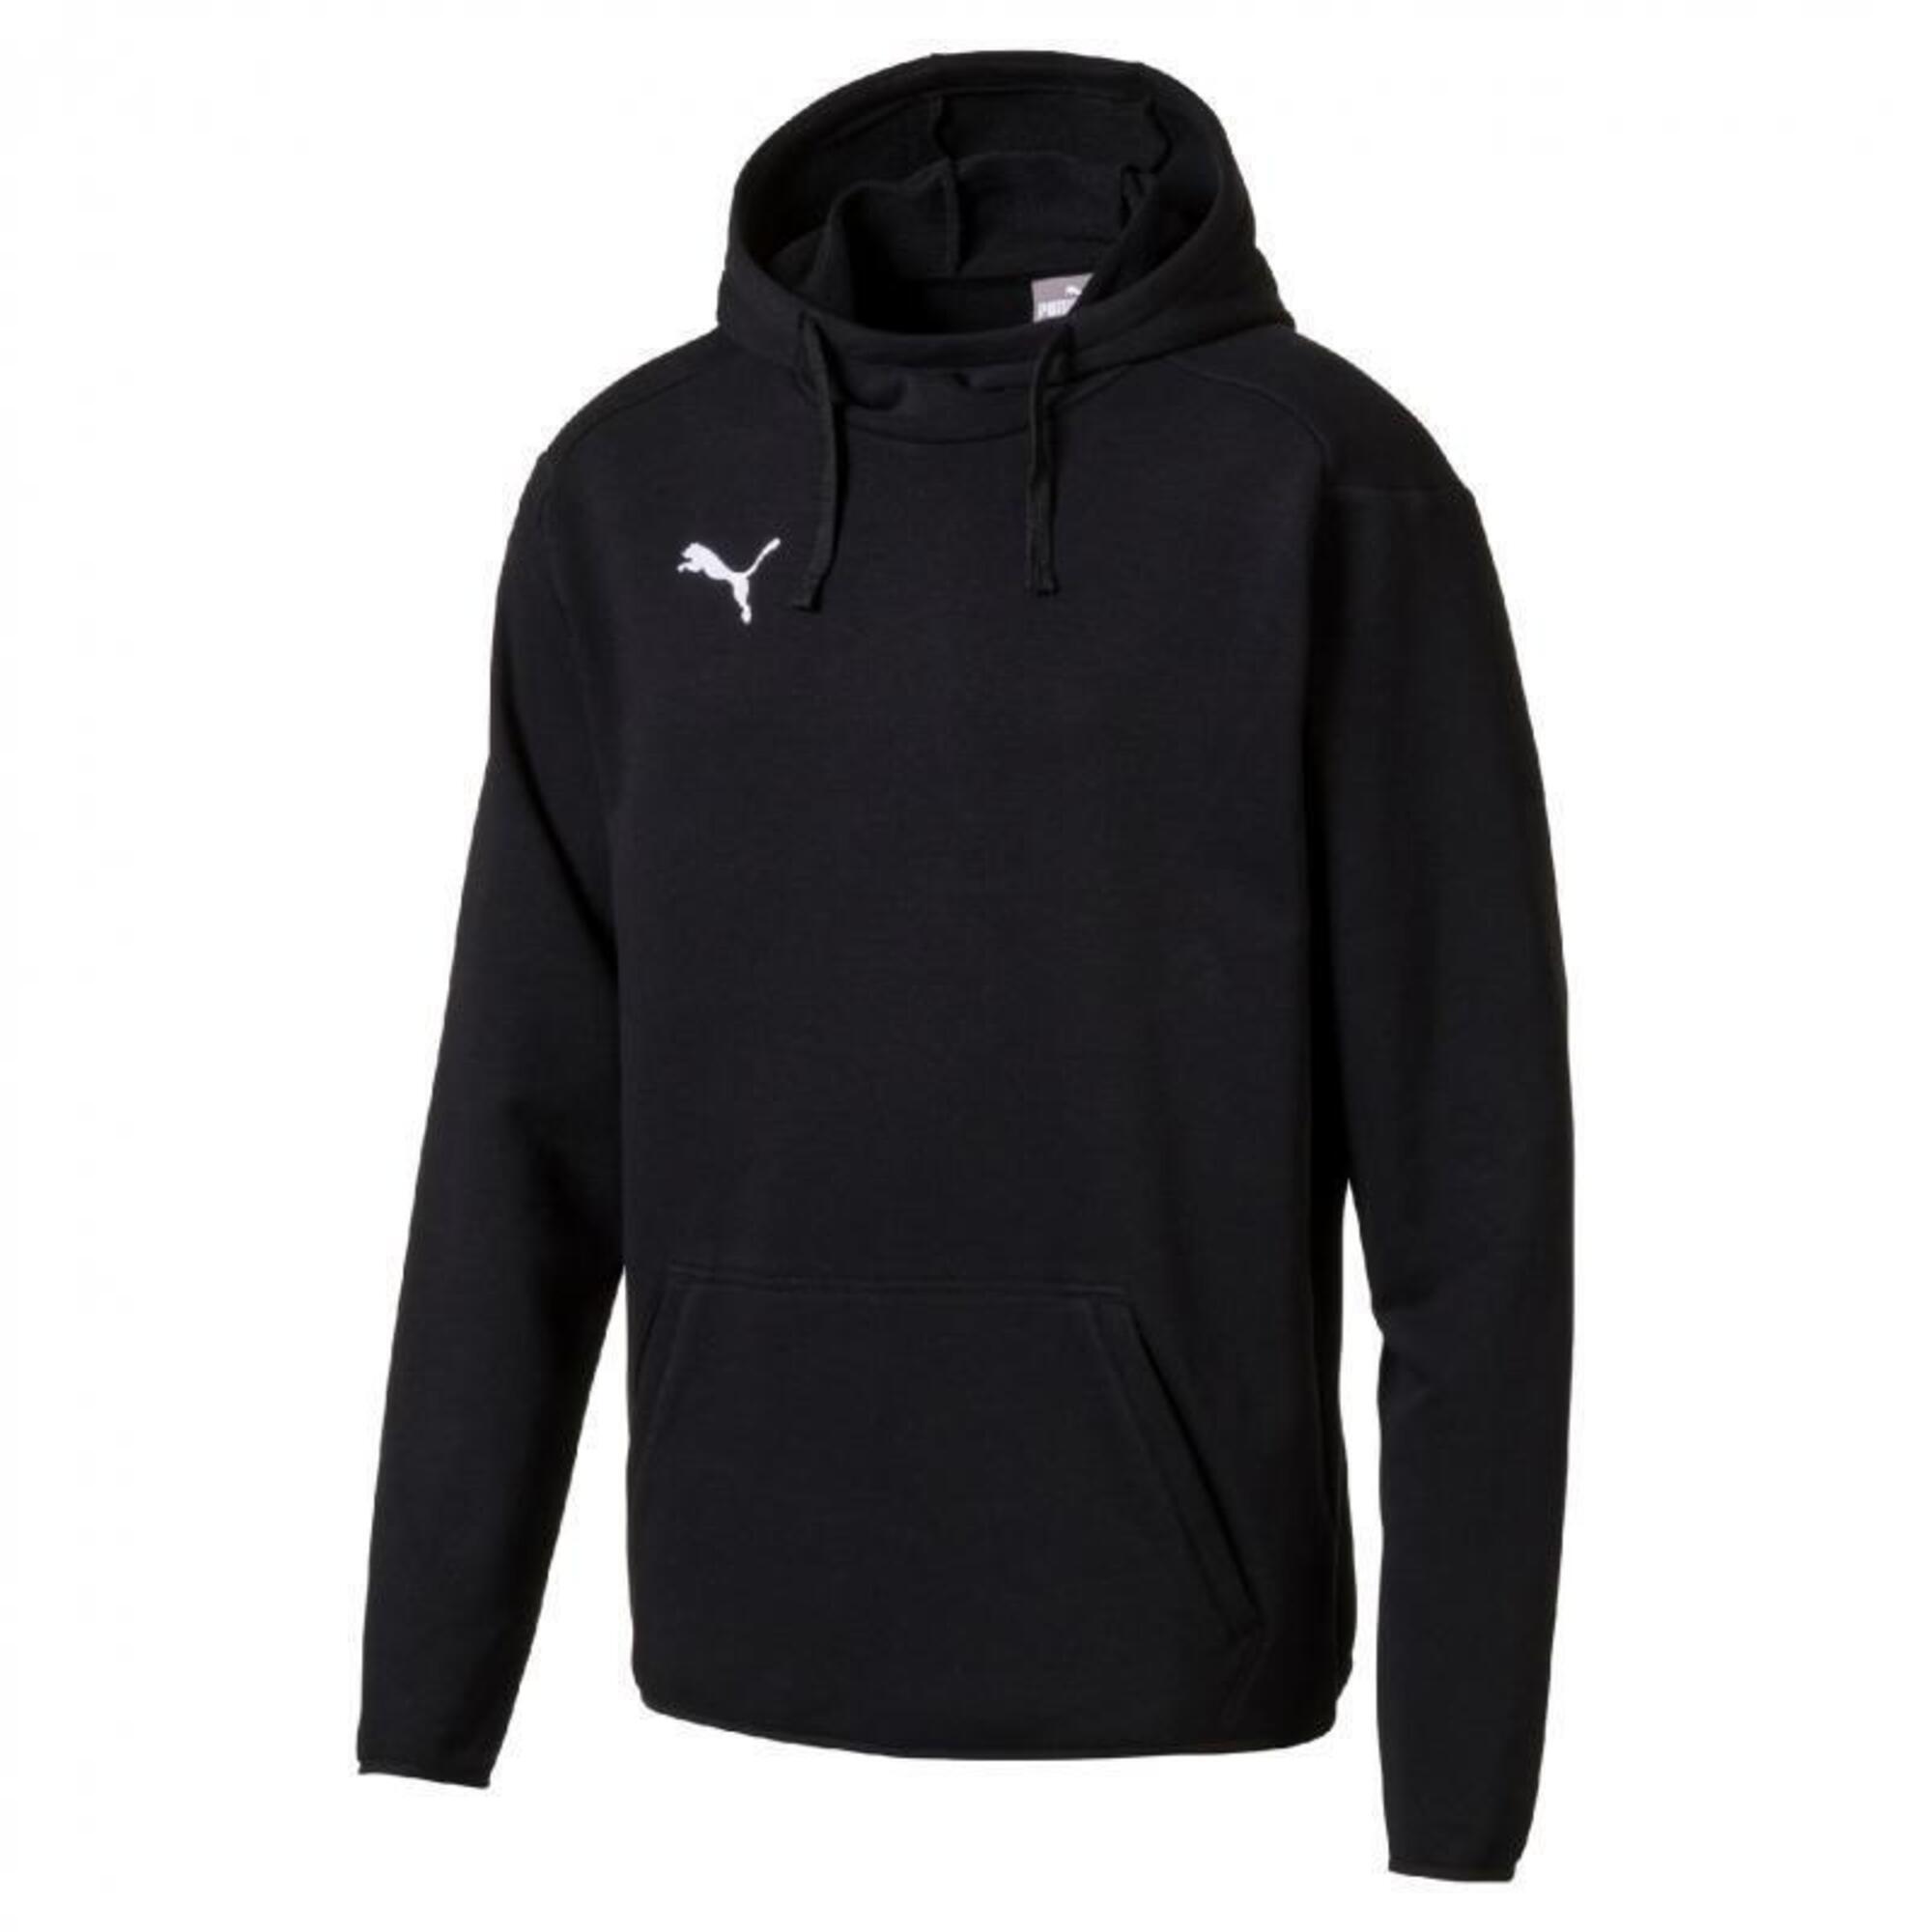 Puma Liga Casuals Hooded Sweatshirt